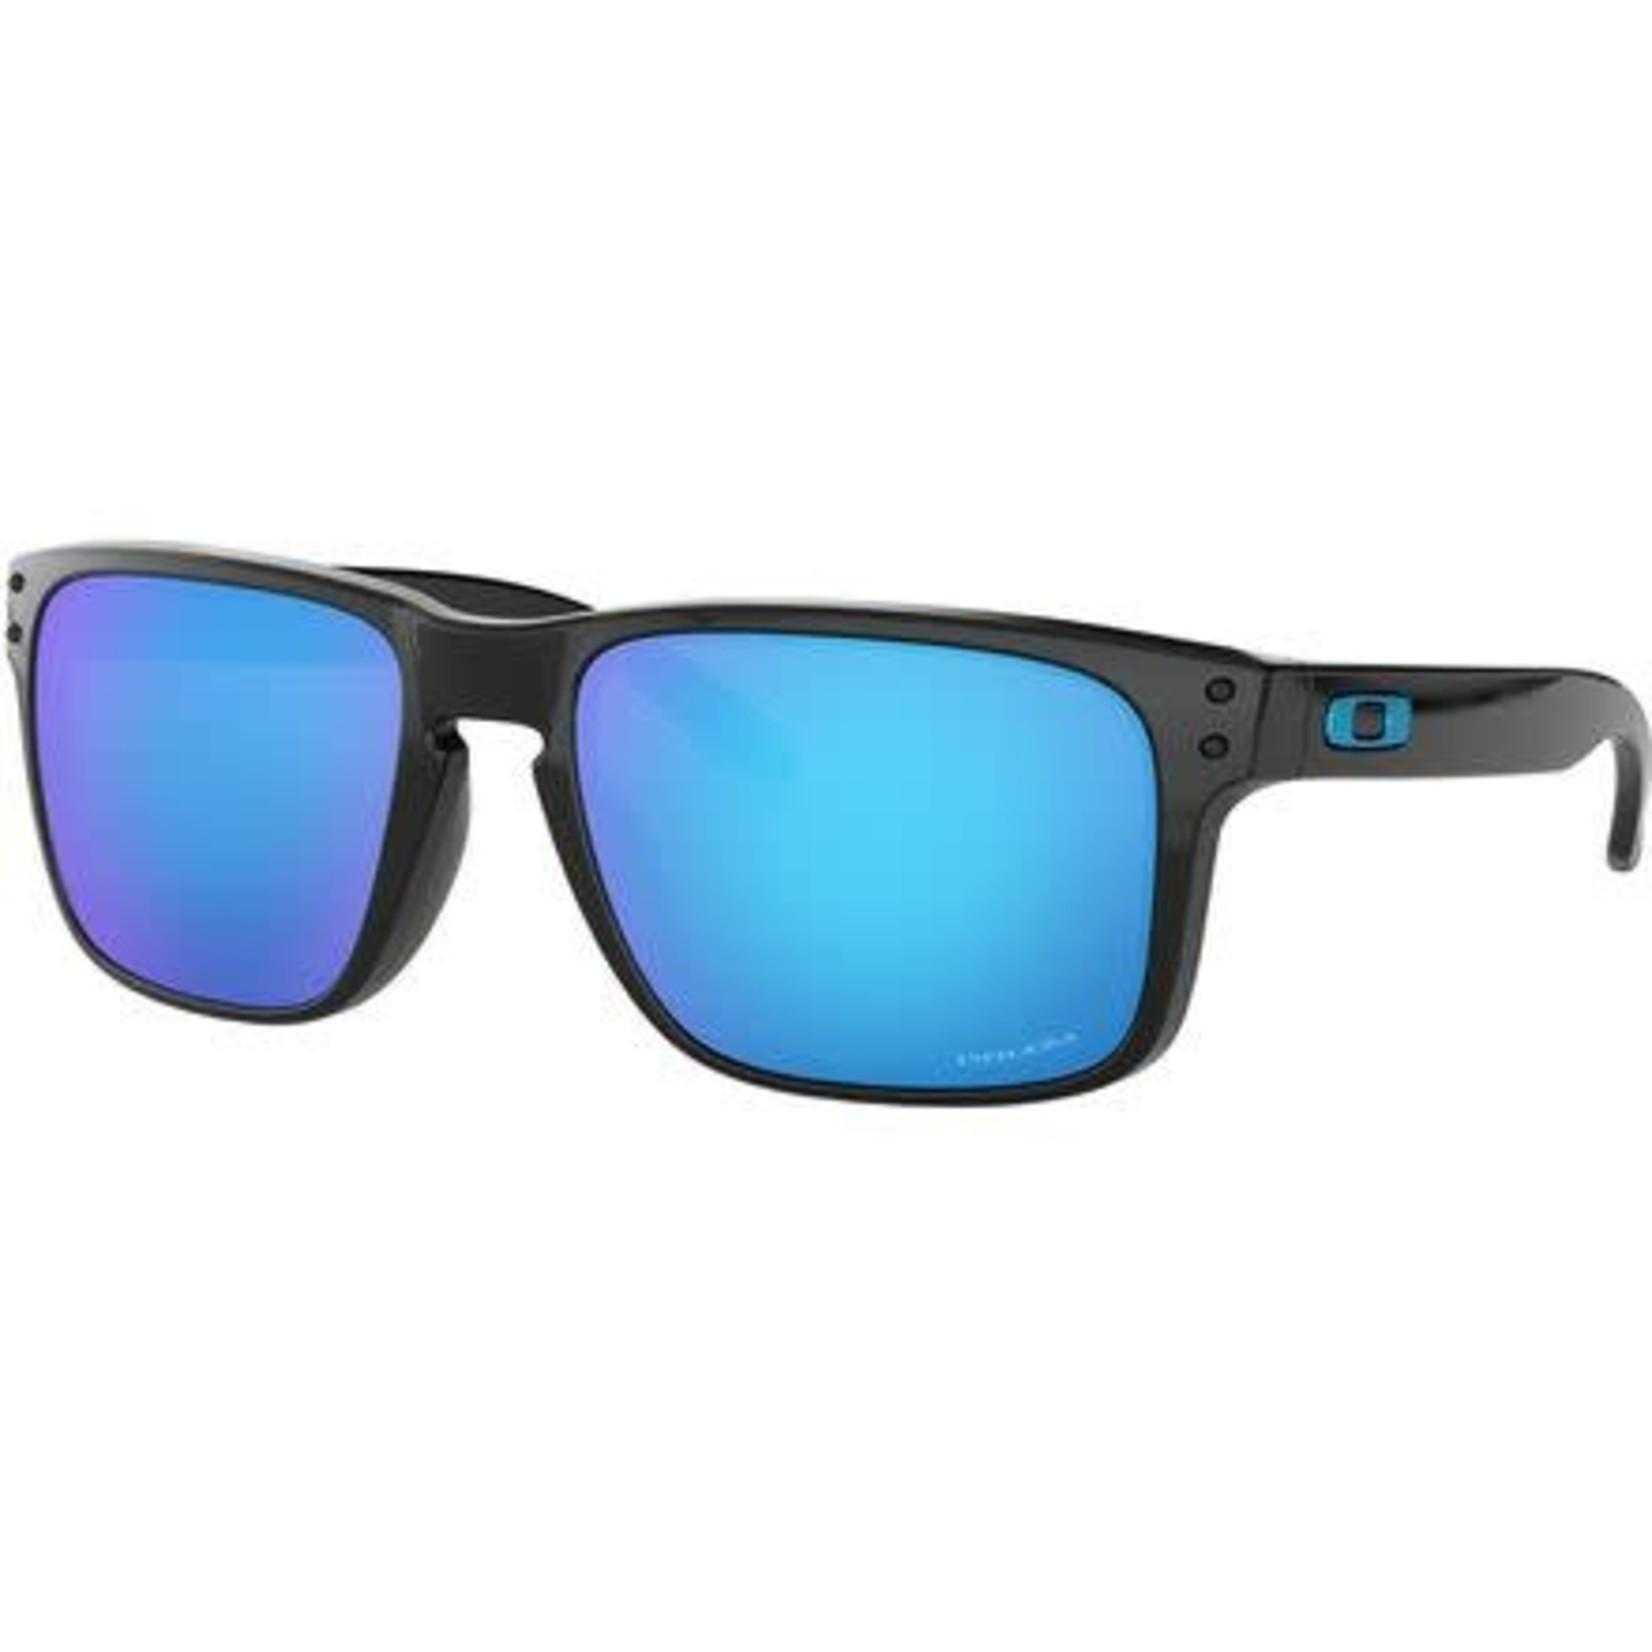 Oakley Oakley Sunglasses, Holbrook, Polished Blk, Prizm Sapphire